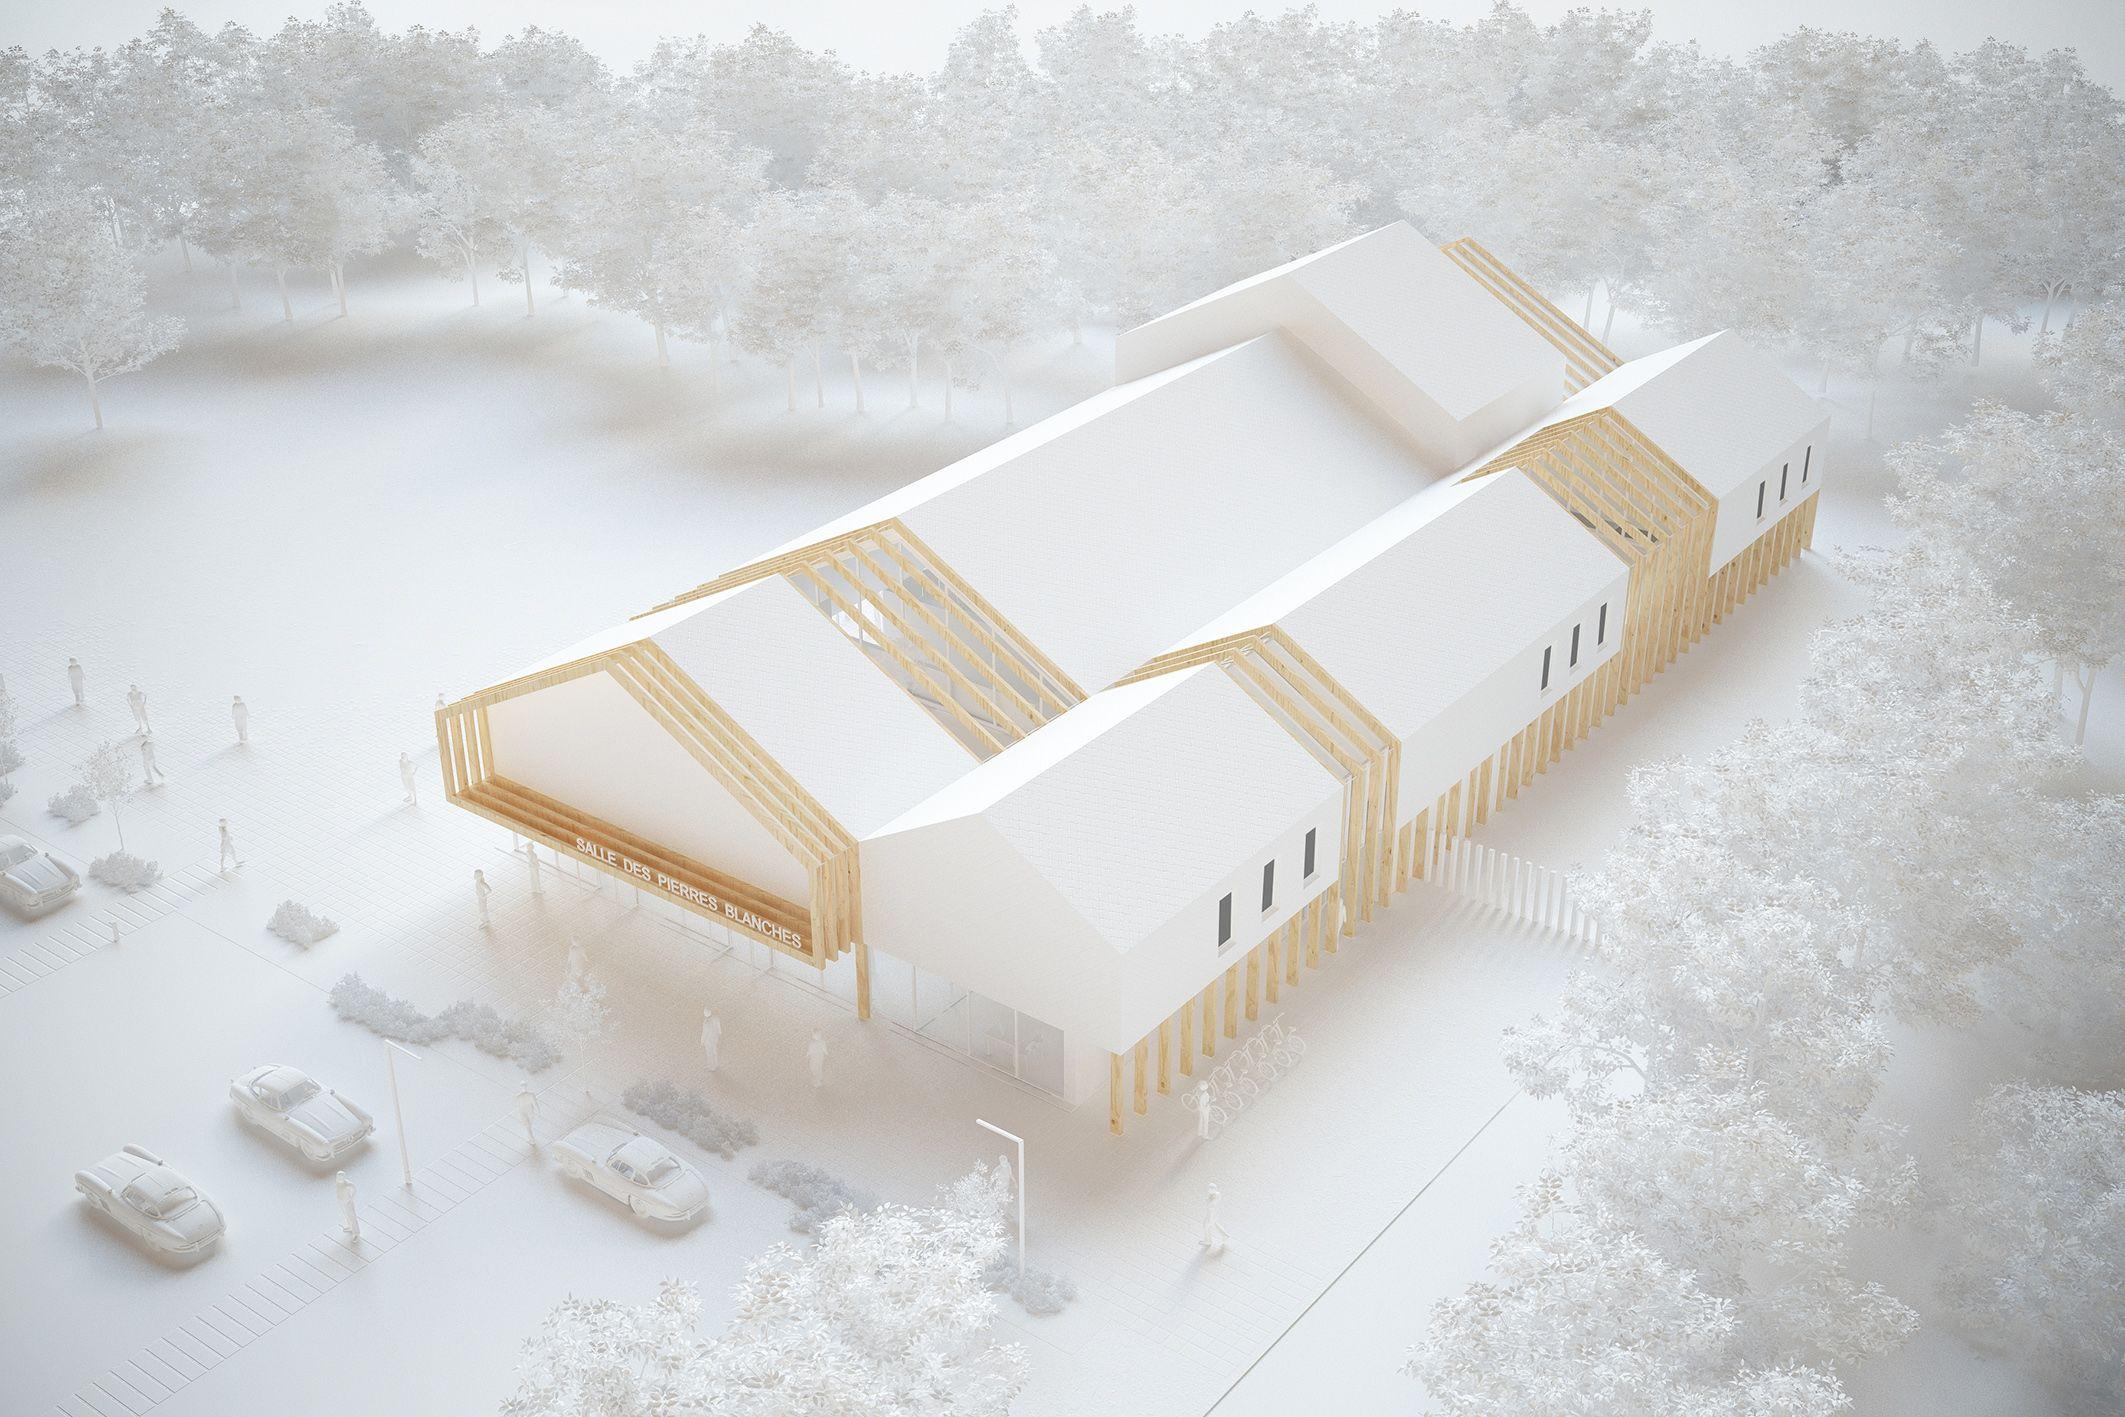 Boi Tracks Architectescom Architecture Present Maquette